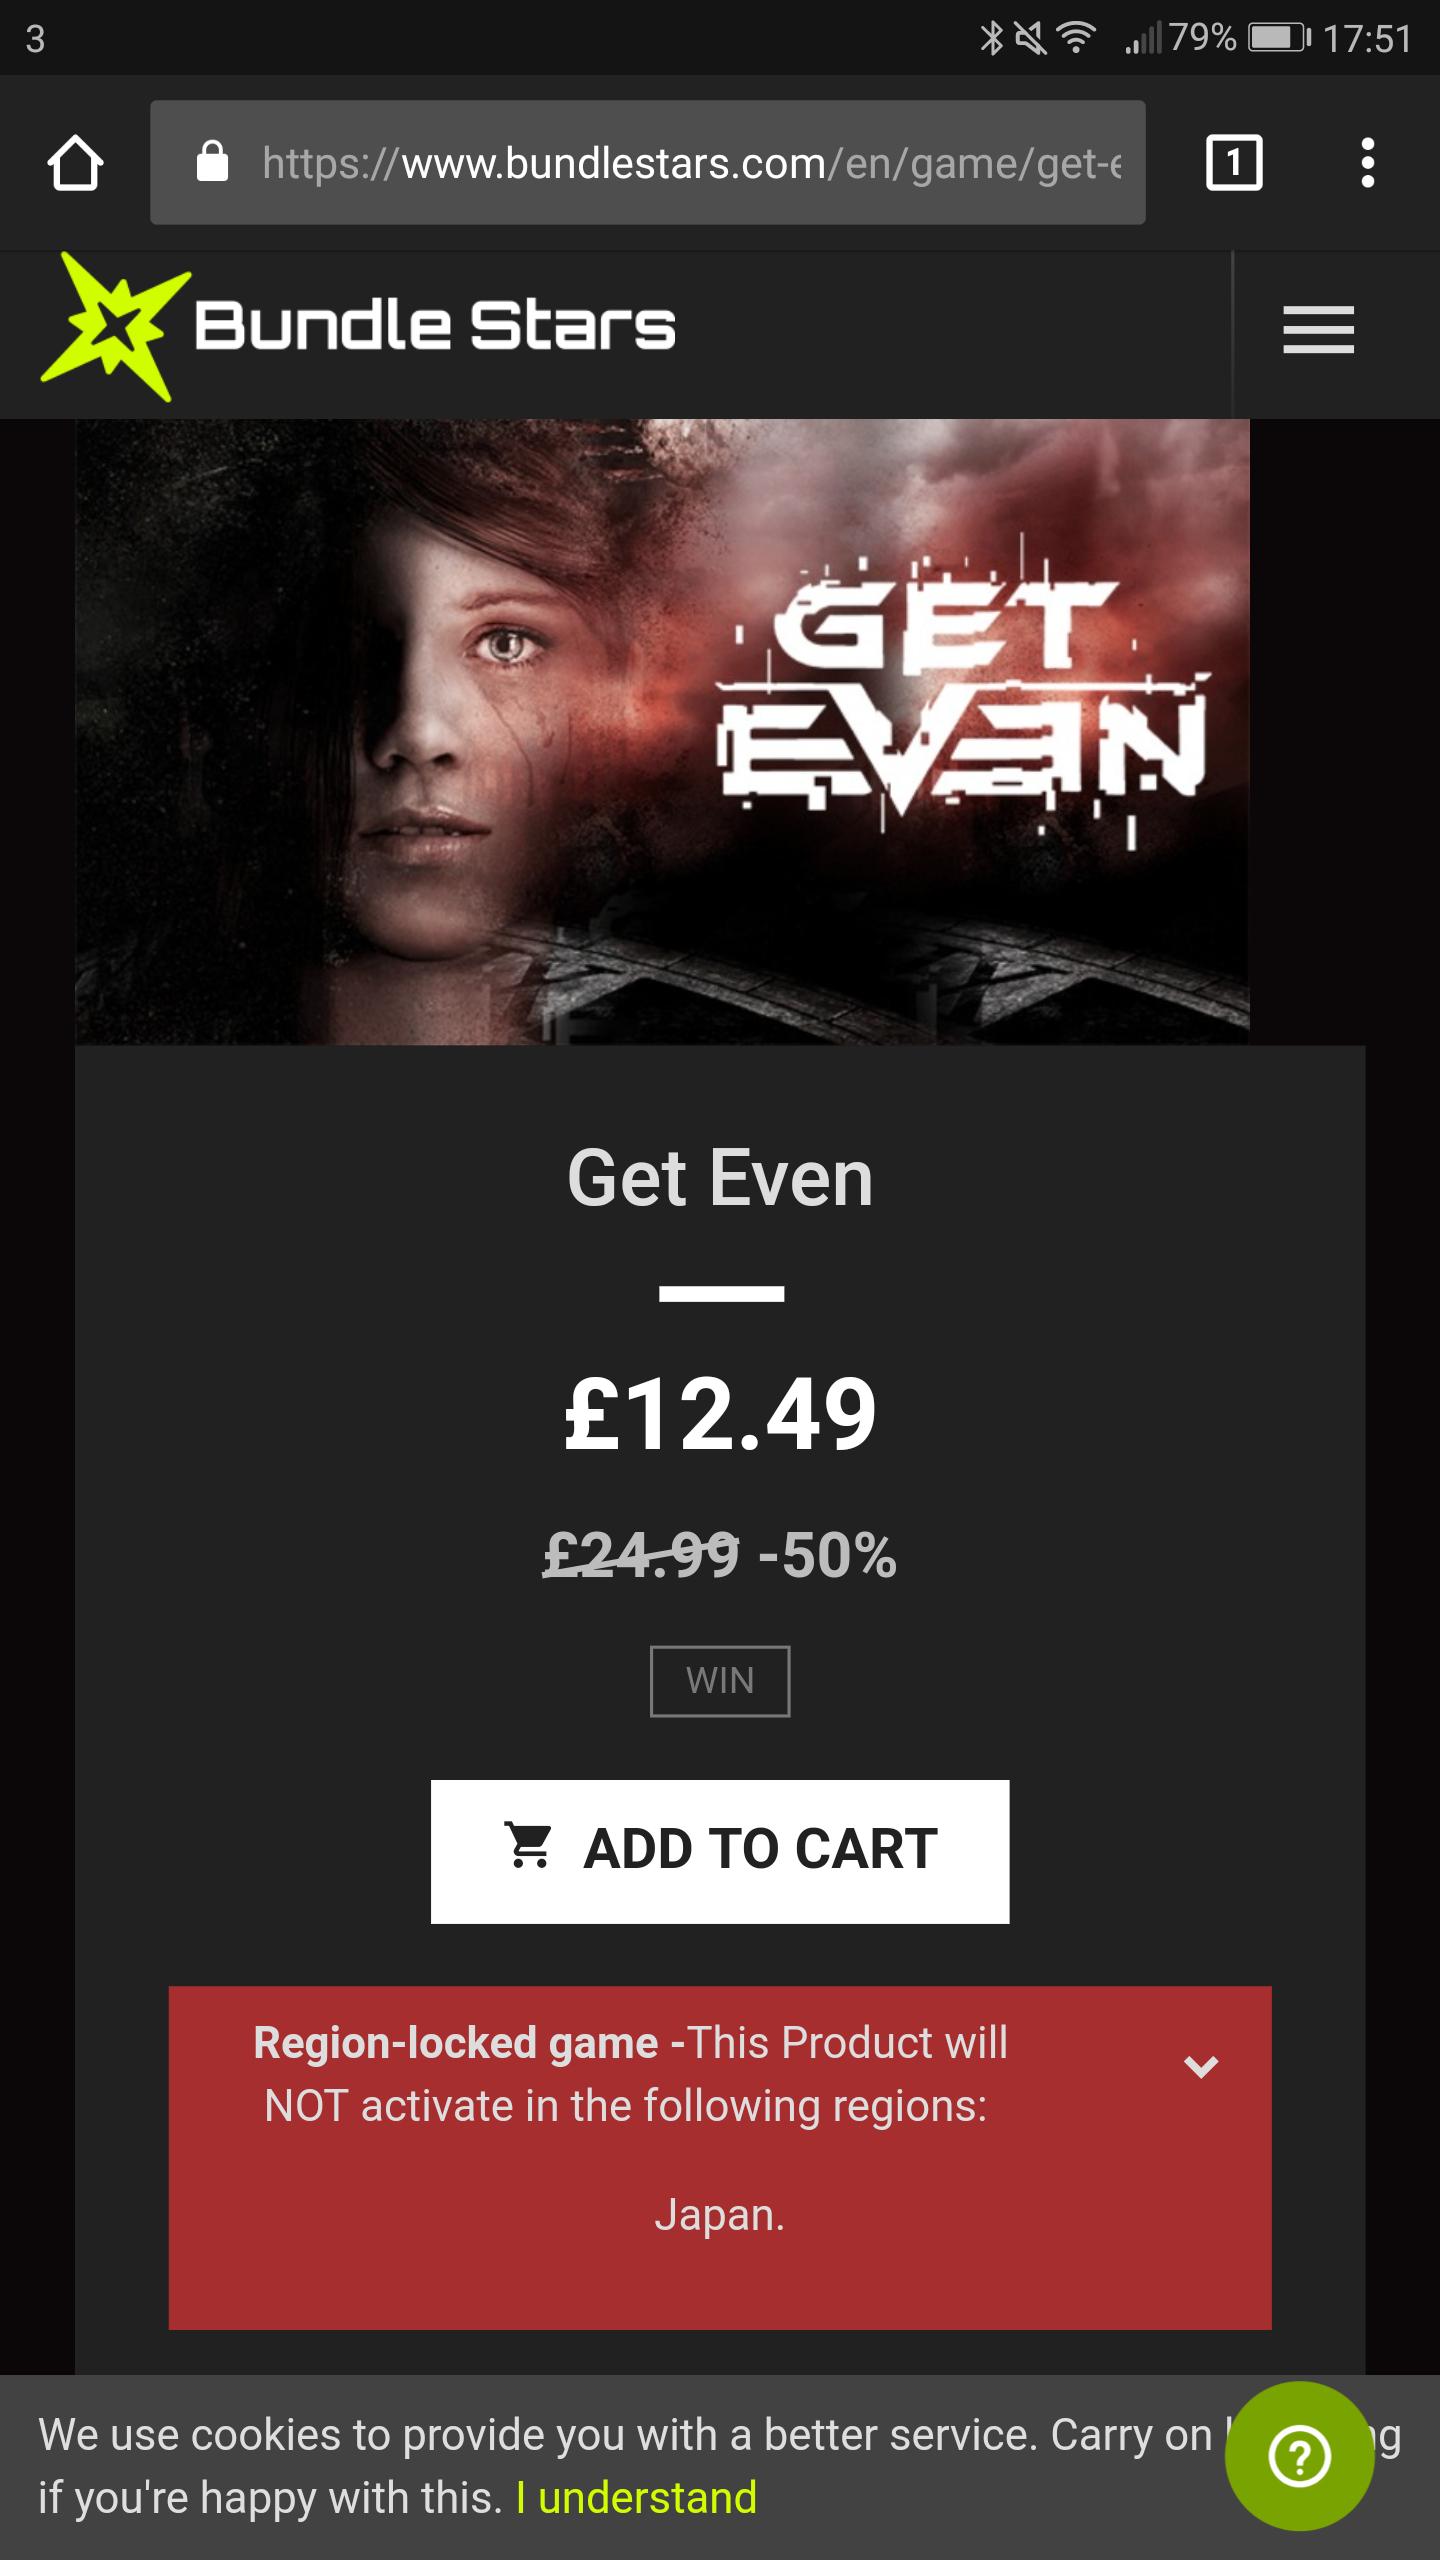 Get Even - 50% off - Bundlestars - Steam Key - £12.49